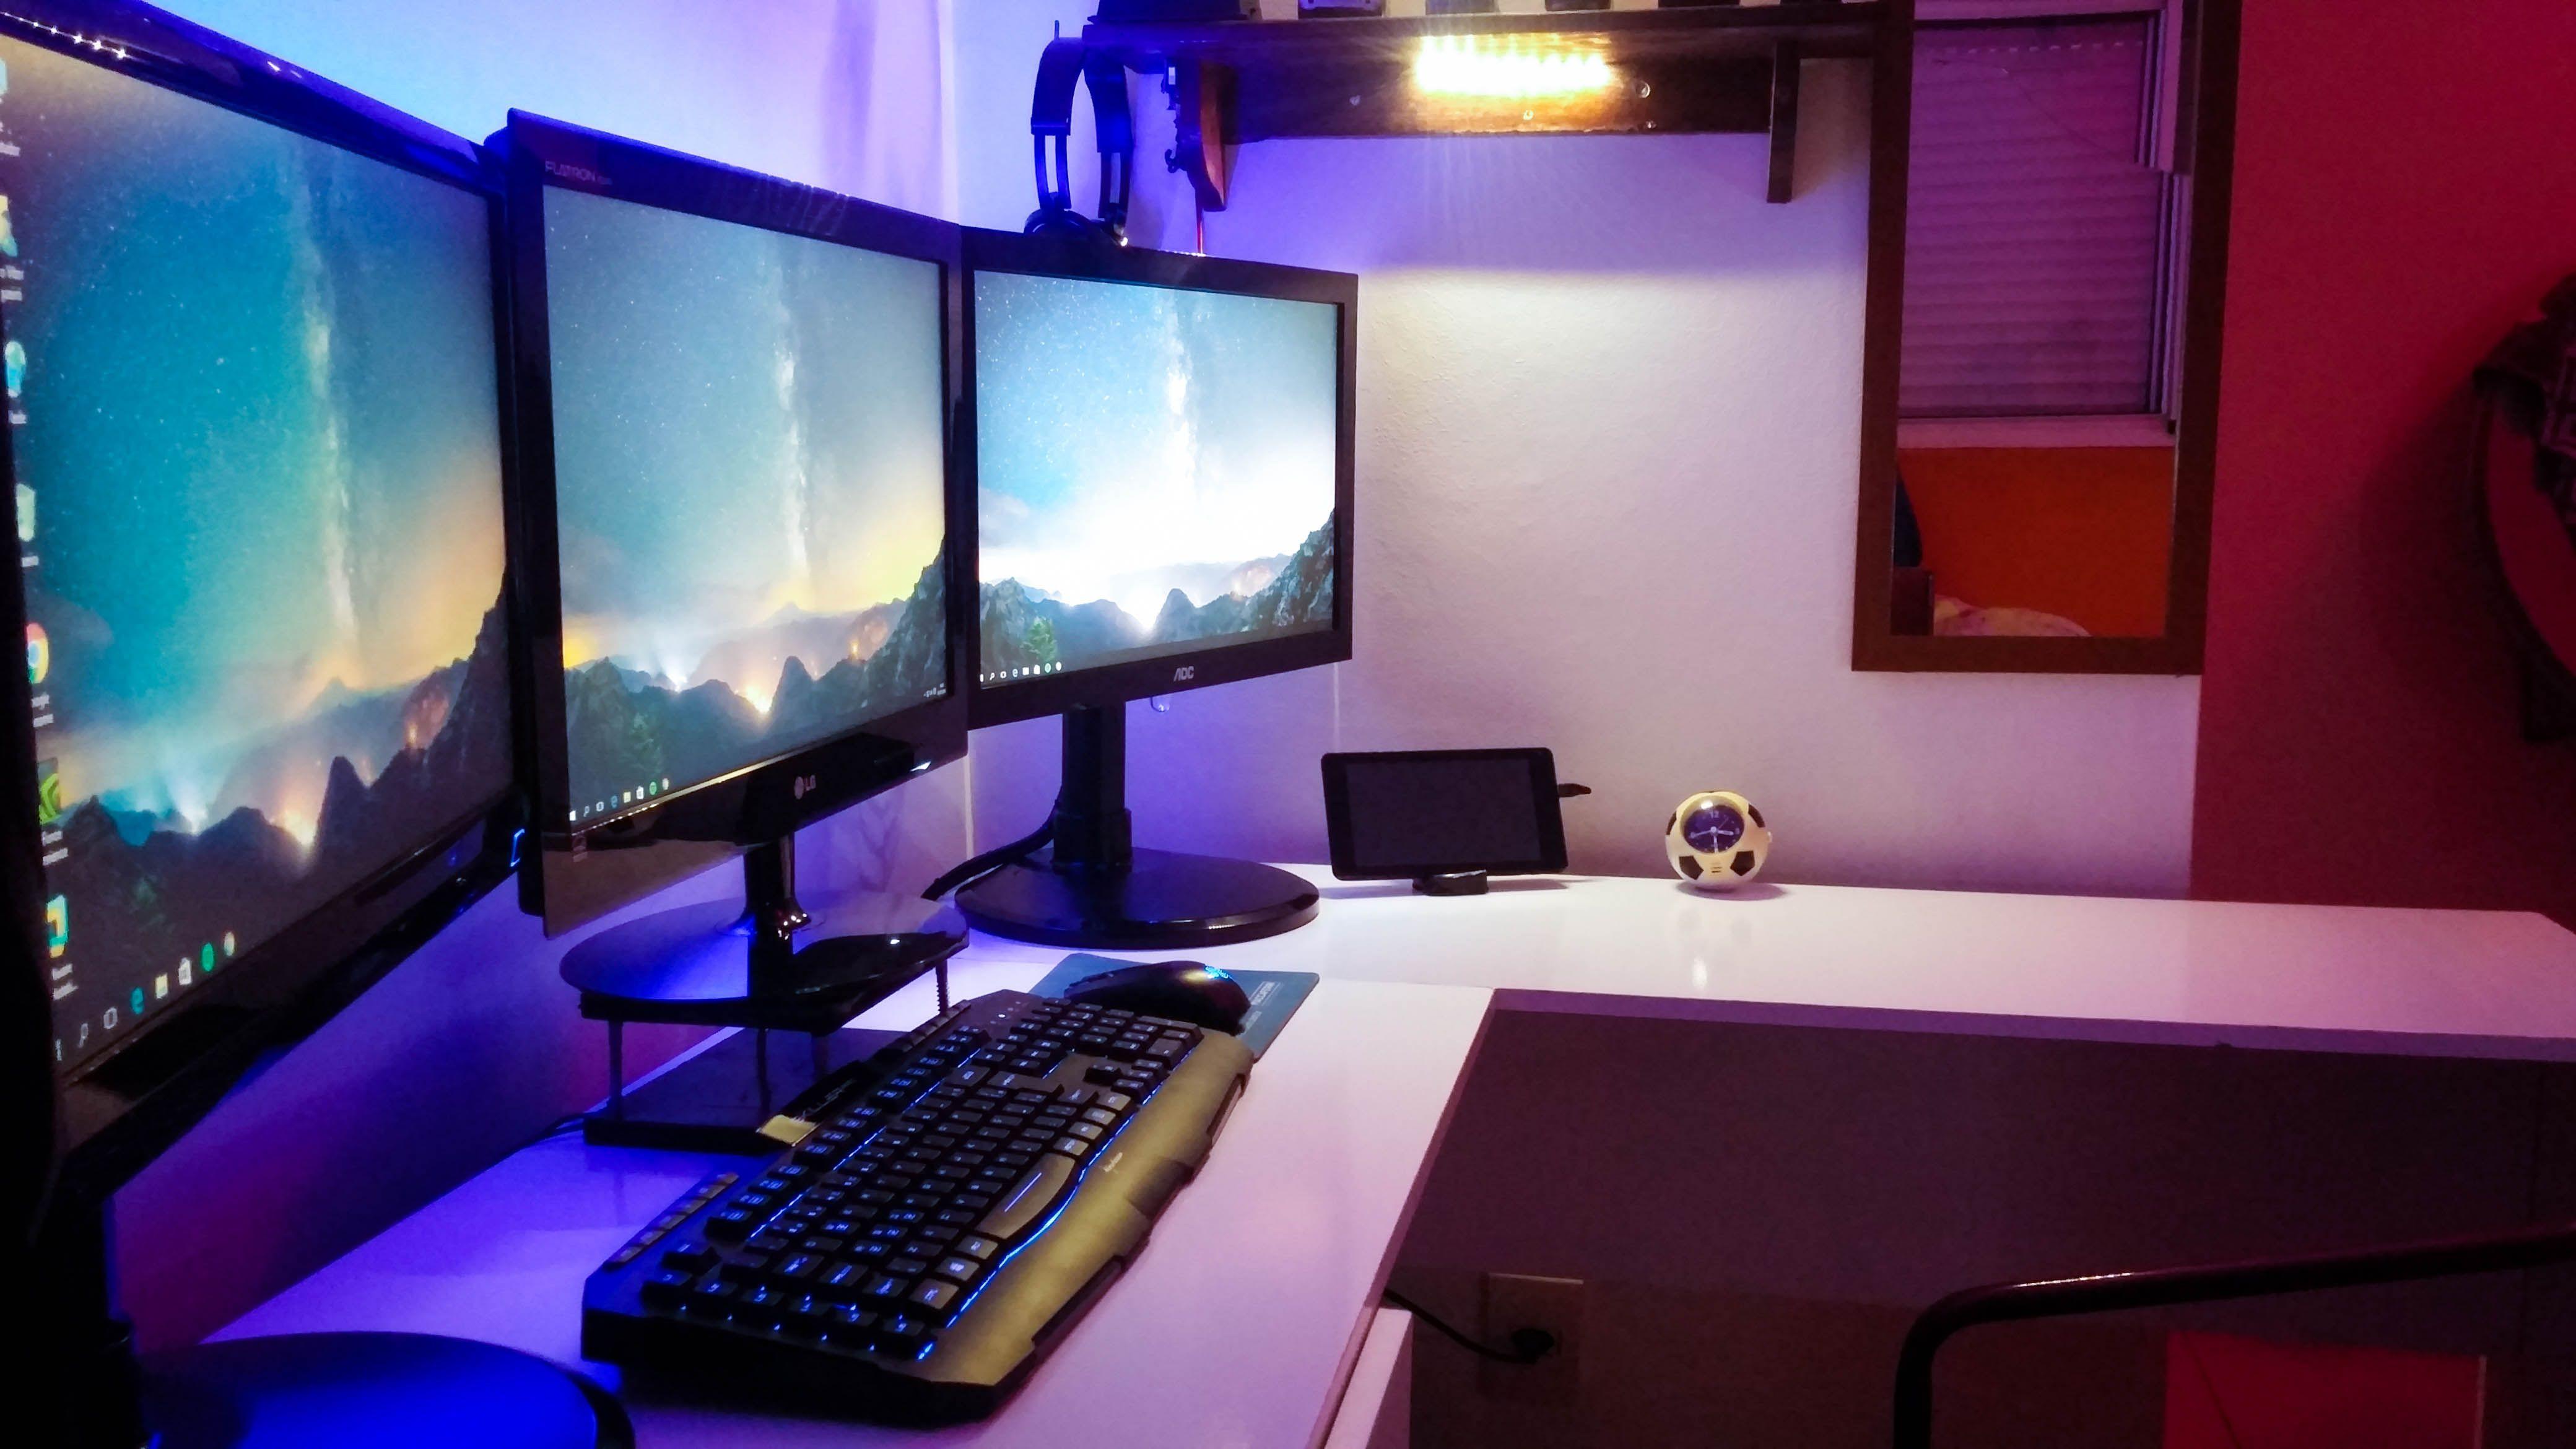 My Labman Caveprogramminggamingbedroom Battlestation